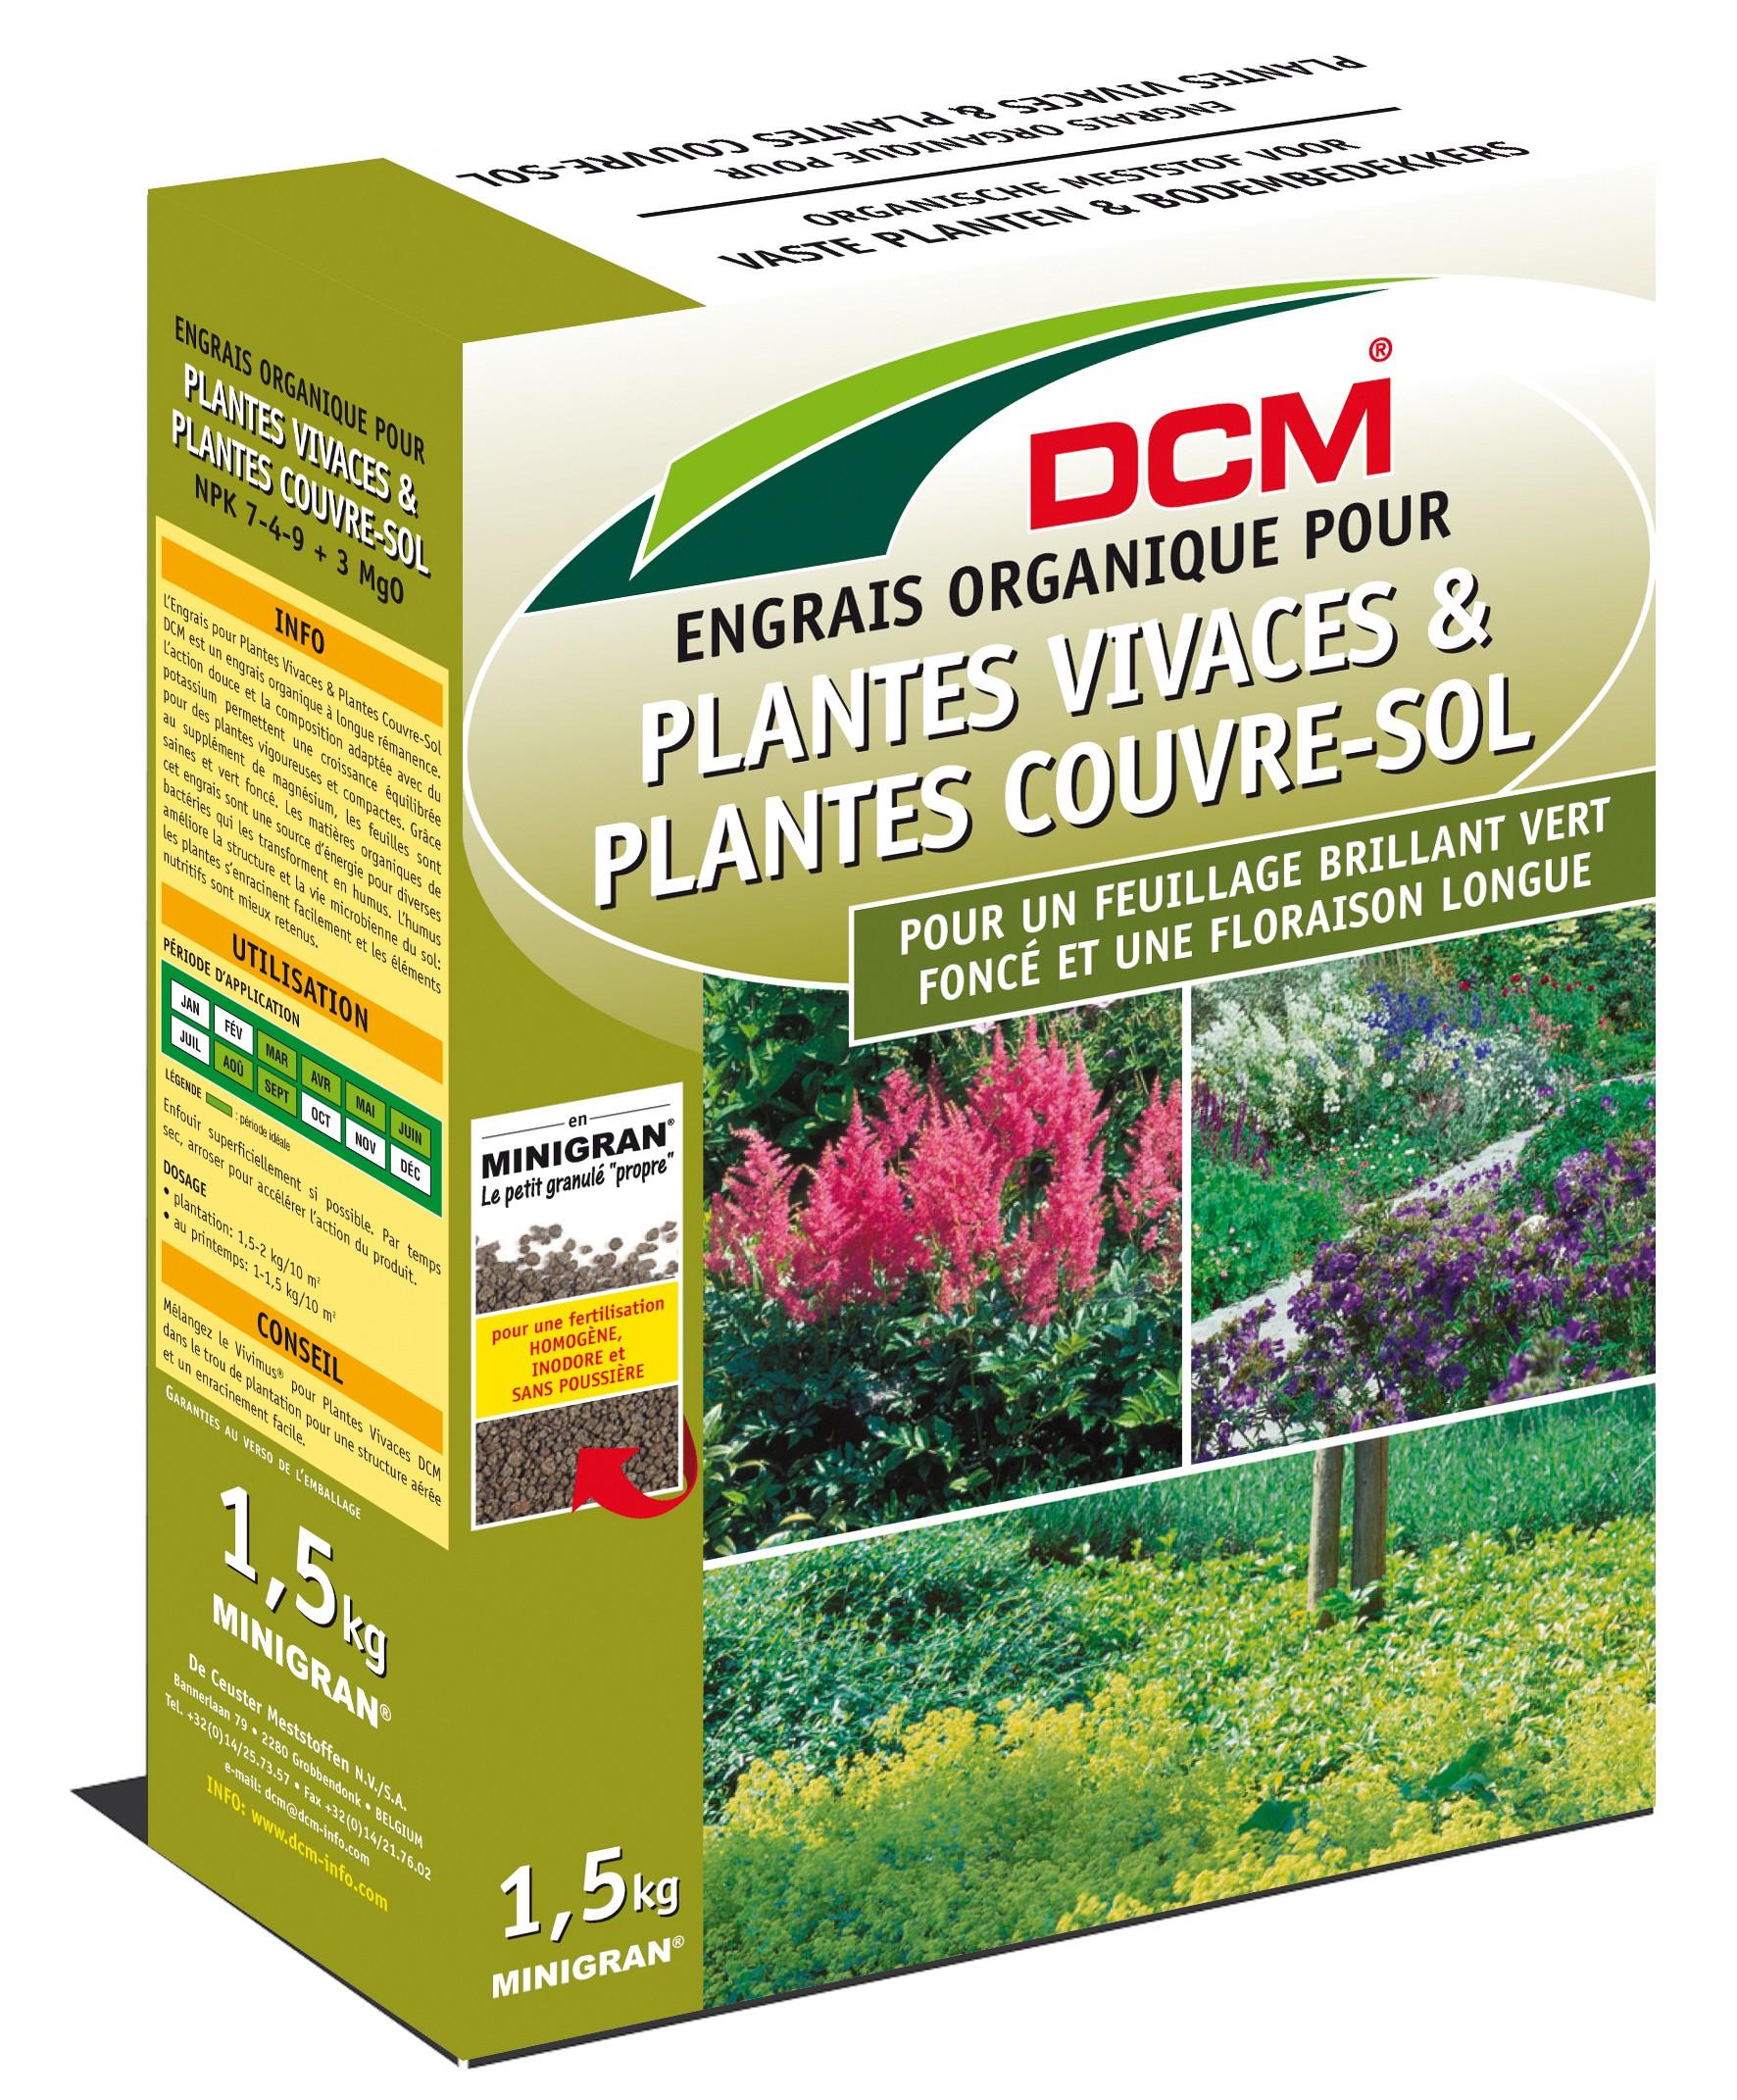 engrais pour plantes vivaces et couvre sol 3 5 kg jardinet. Black Bedroom Furniture Sets. Home Design Ideas